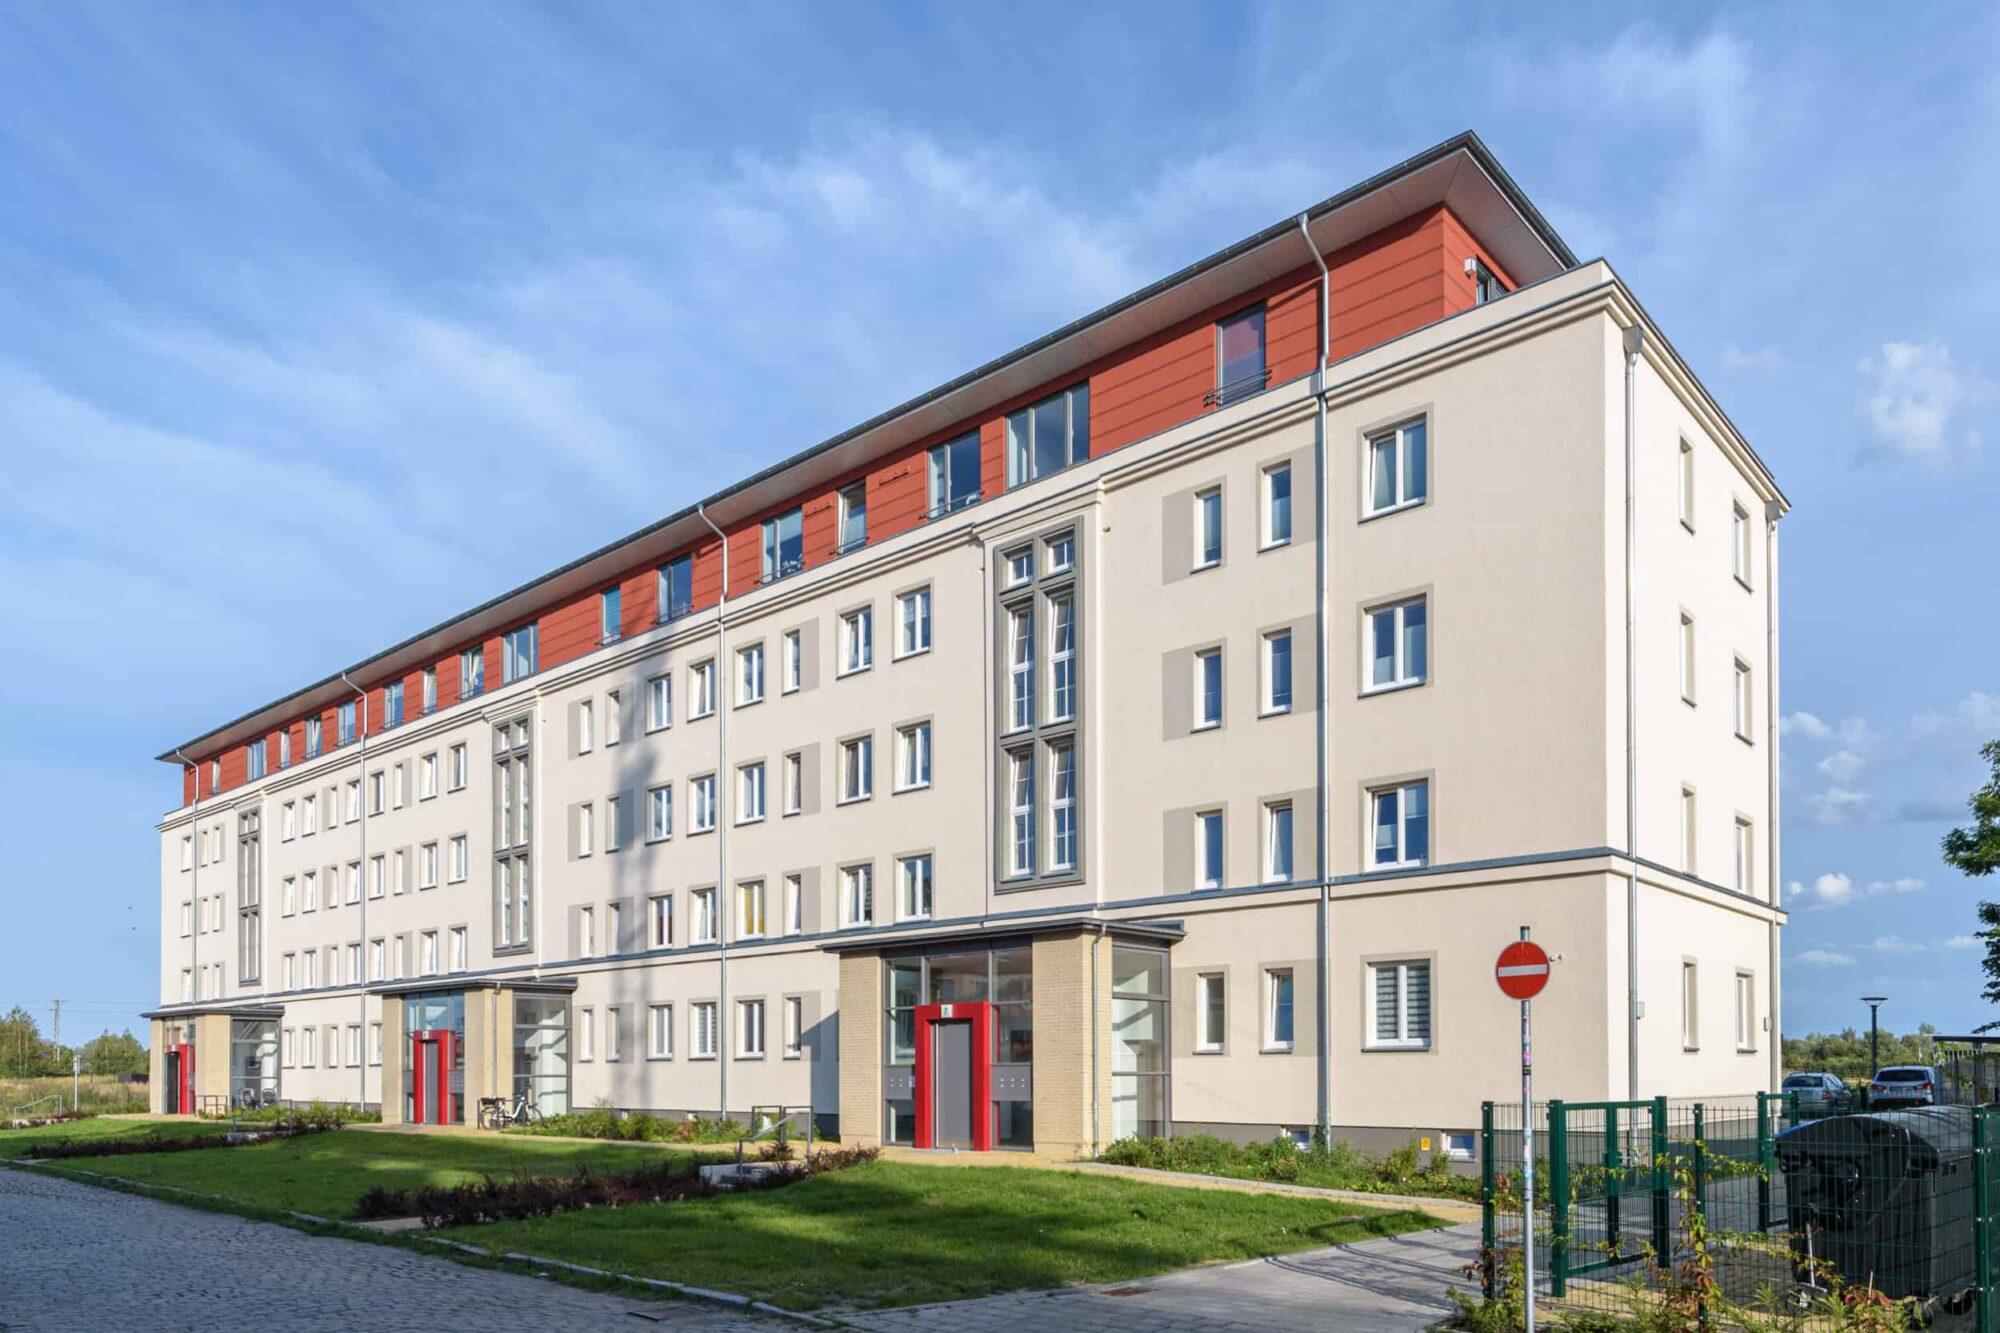 Wohnungsbau Kupfermühle Stralsund